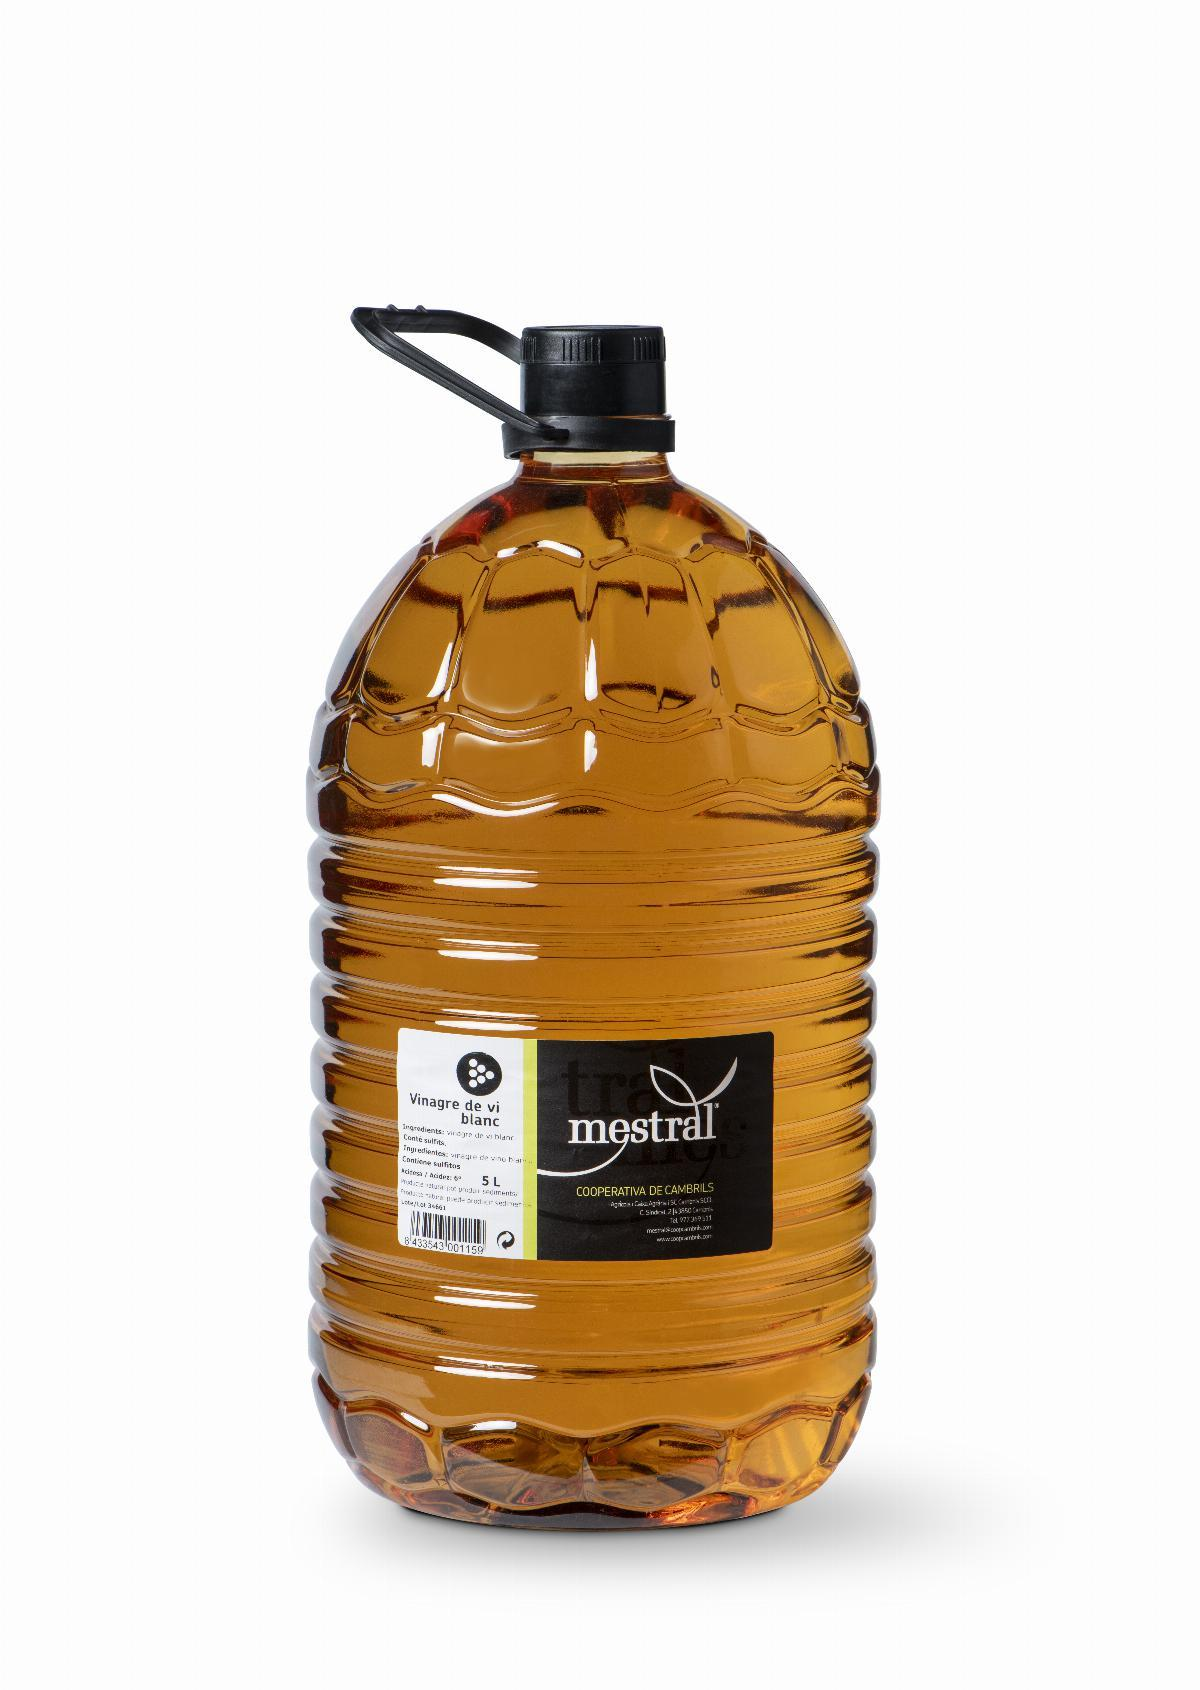 Vinagres - Vinagre Blanc Mestral 5 Litres - Mestral Cambrils